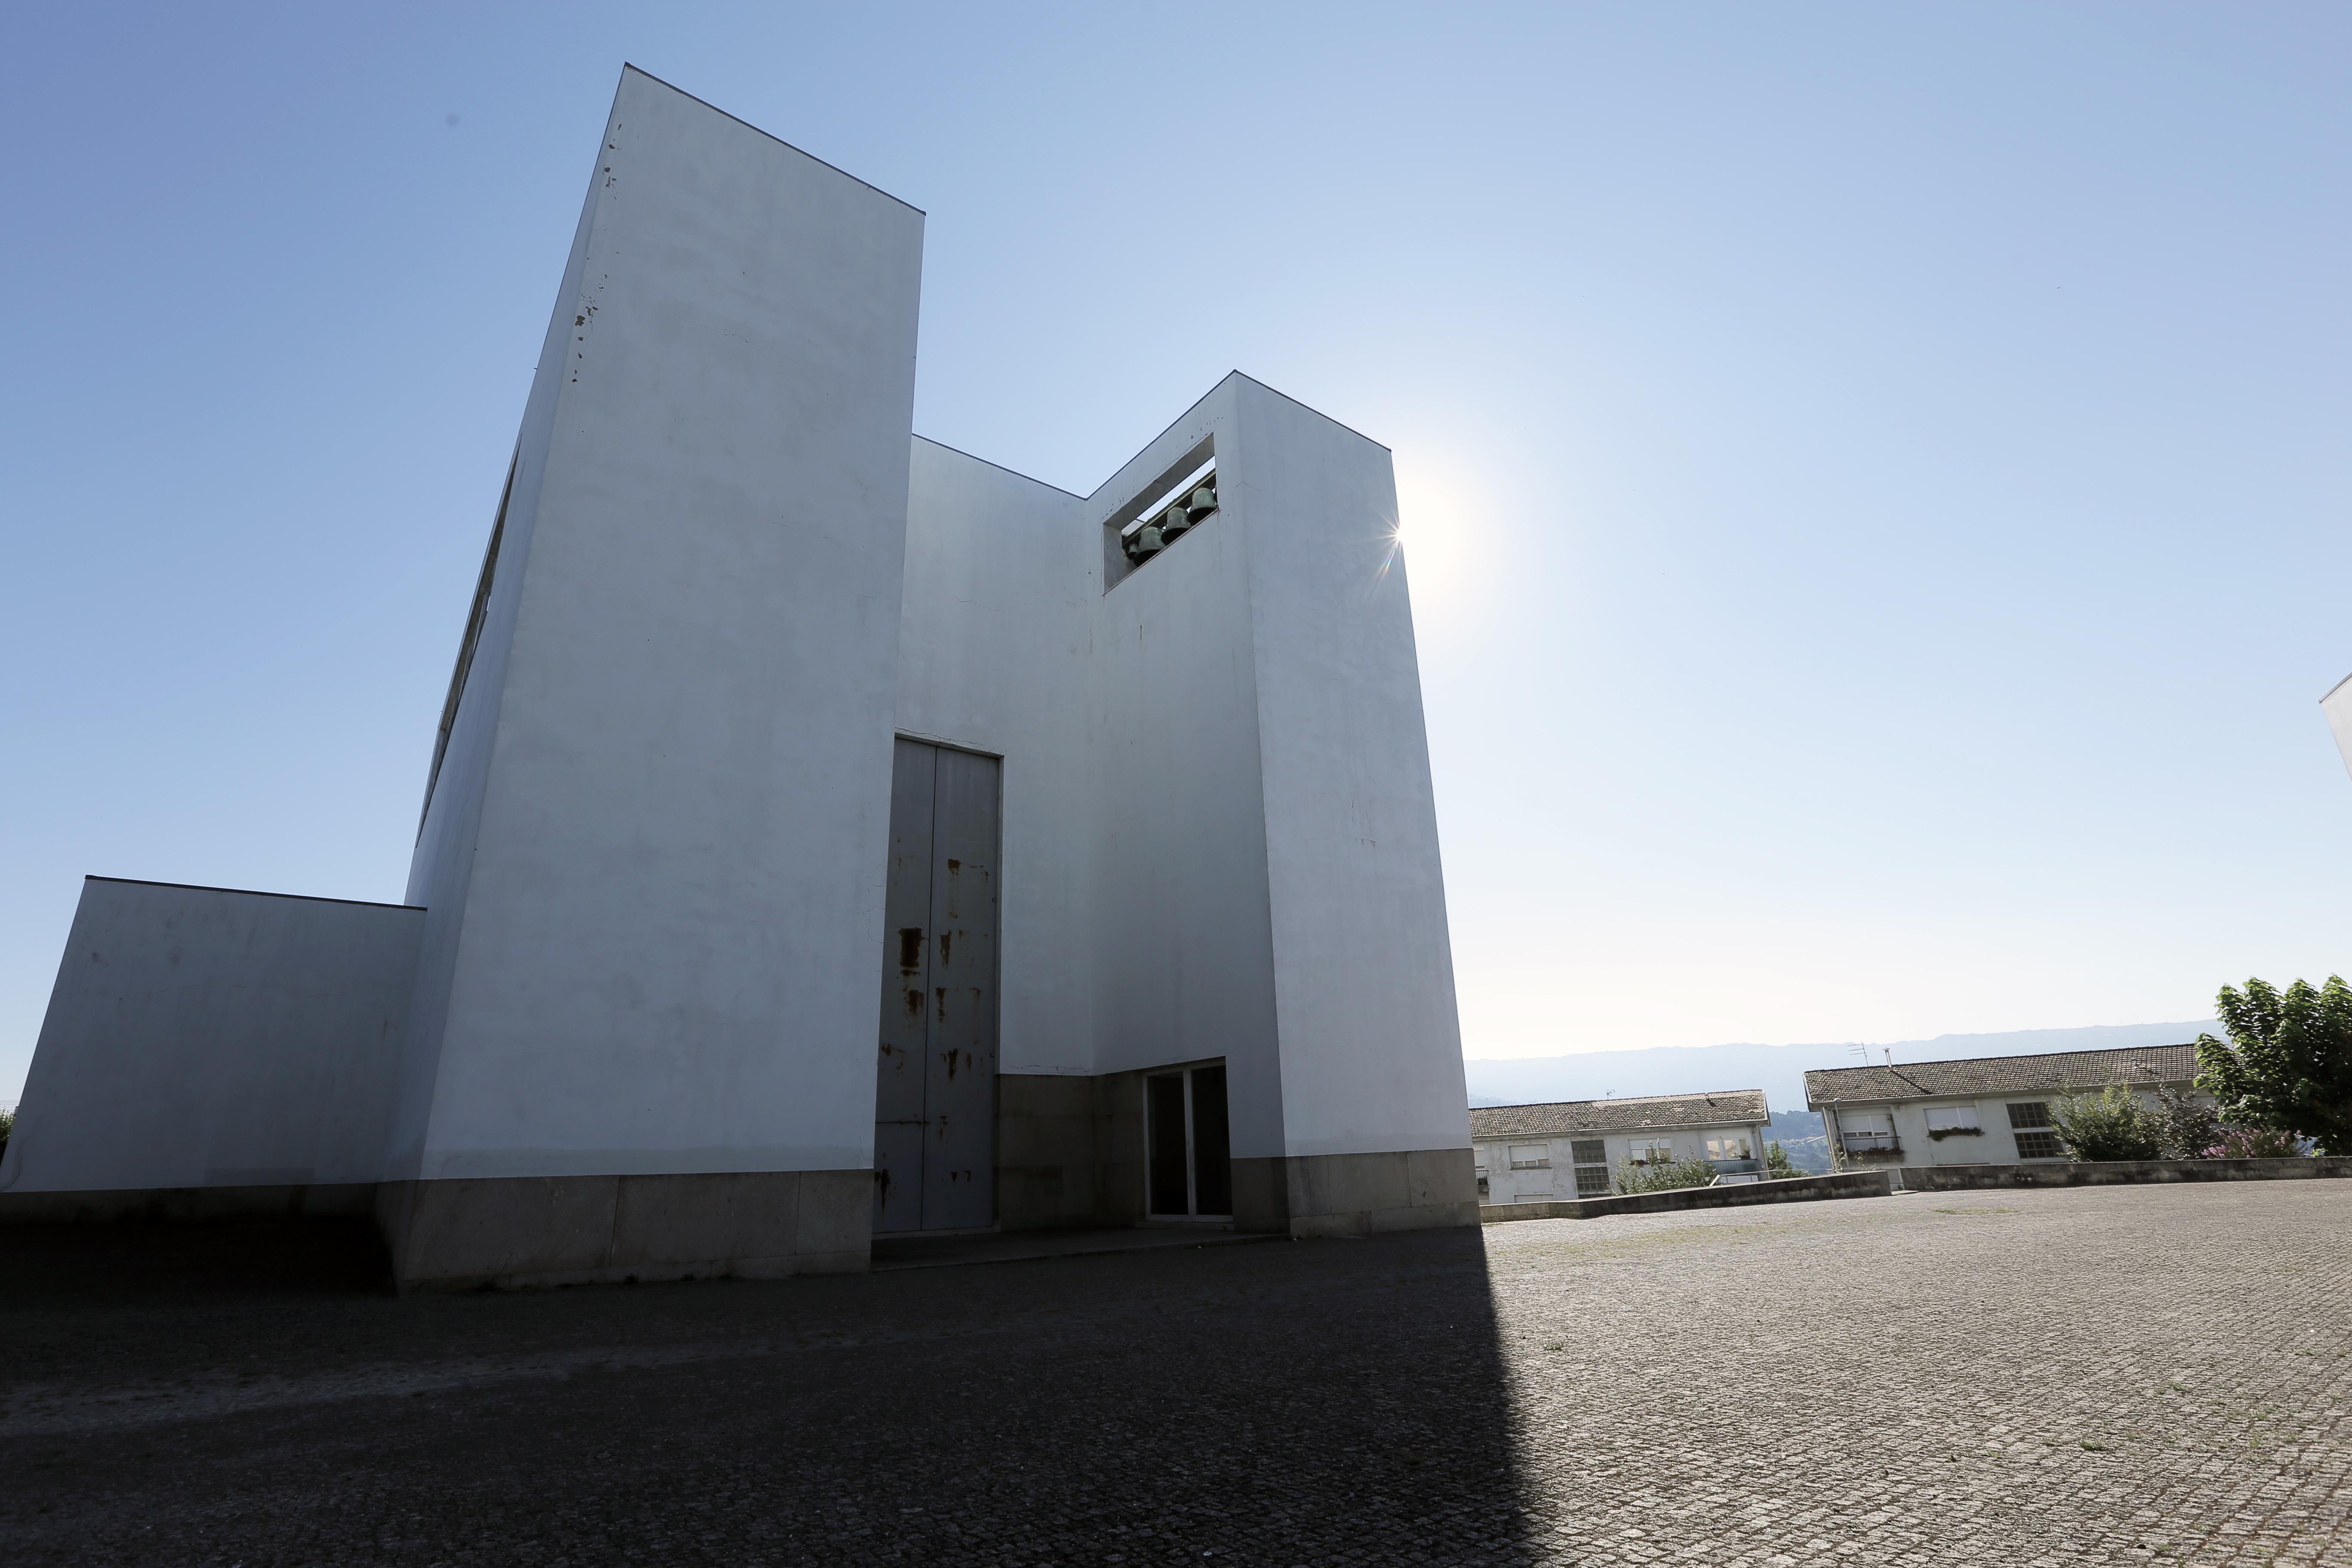 Igreja de Santa Maria - Arquiteto Siza Vieira